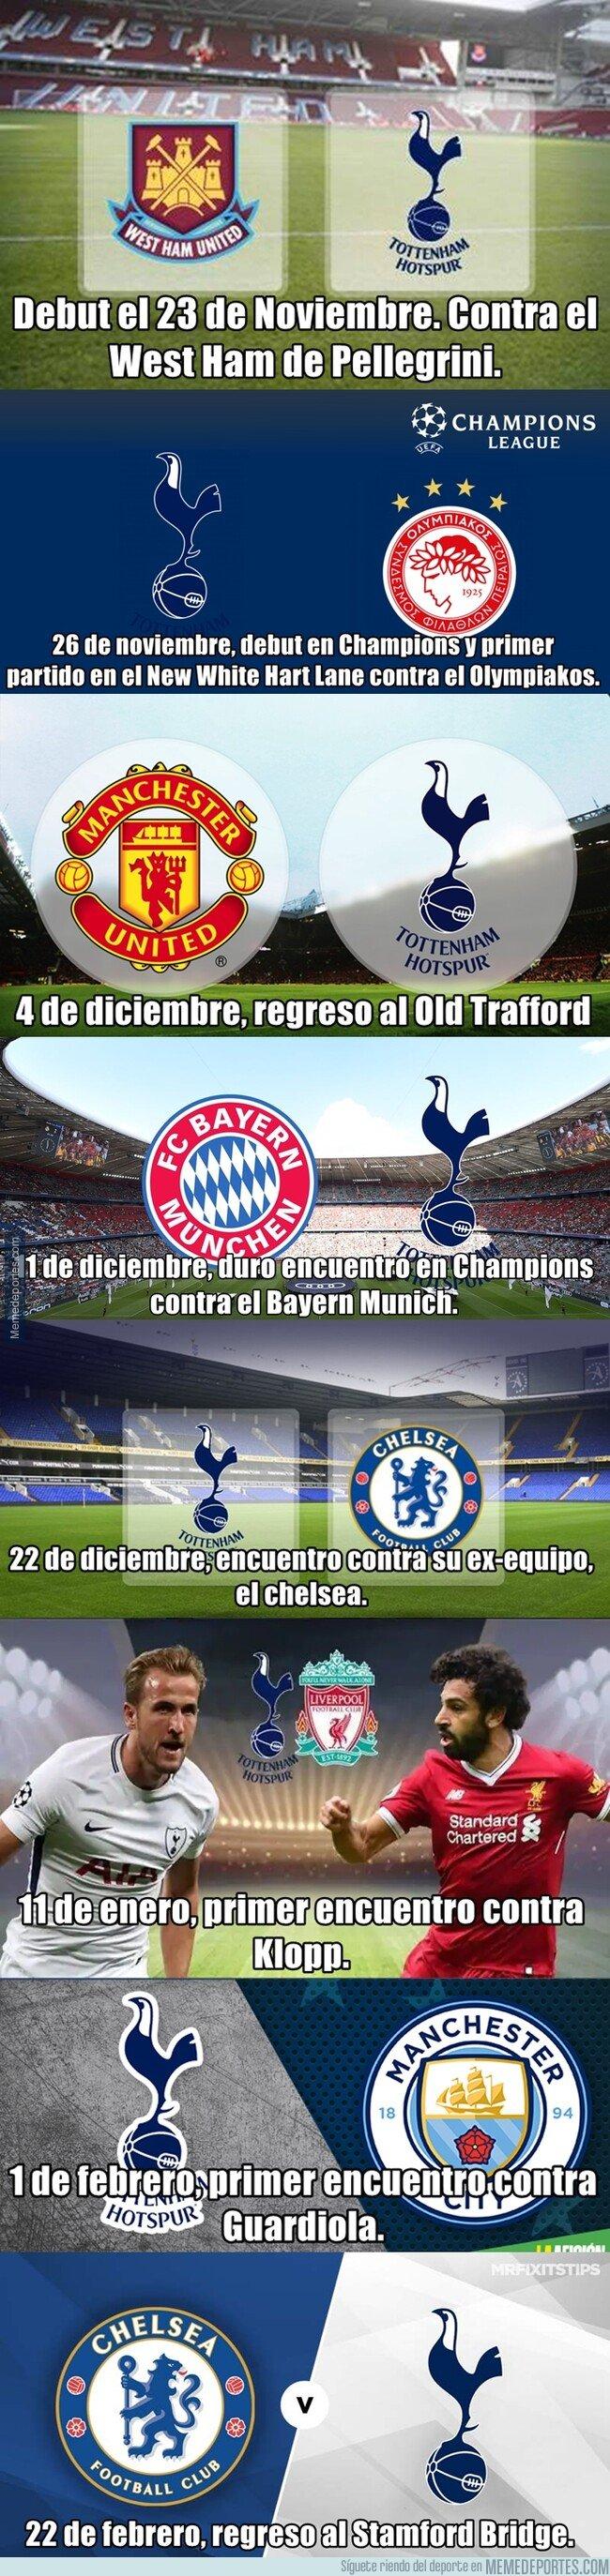 1091711 - Los 8 primeros y más importantes partidos de Mourinho de aquí a febrero